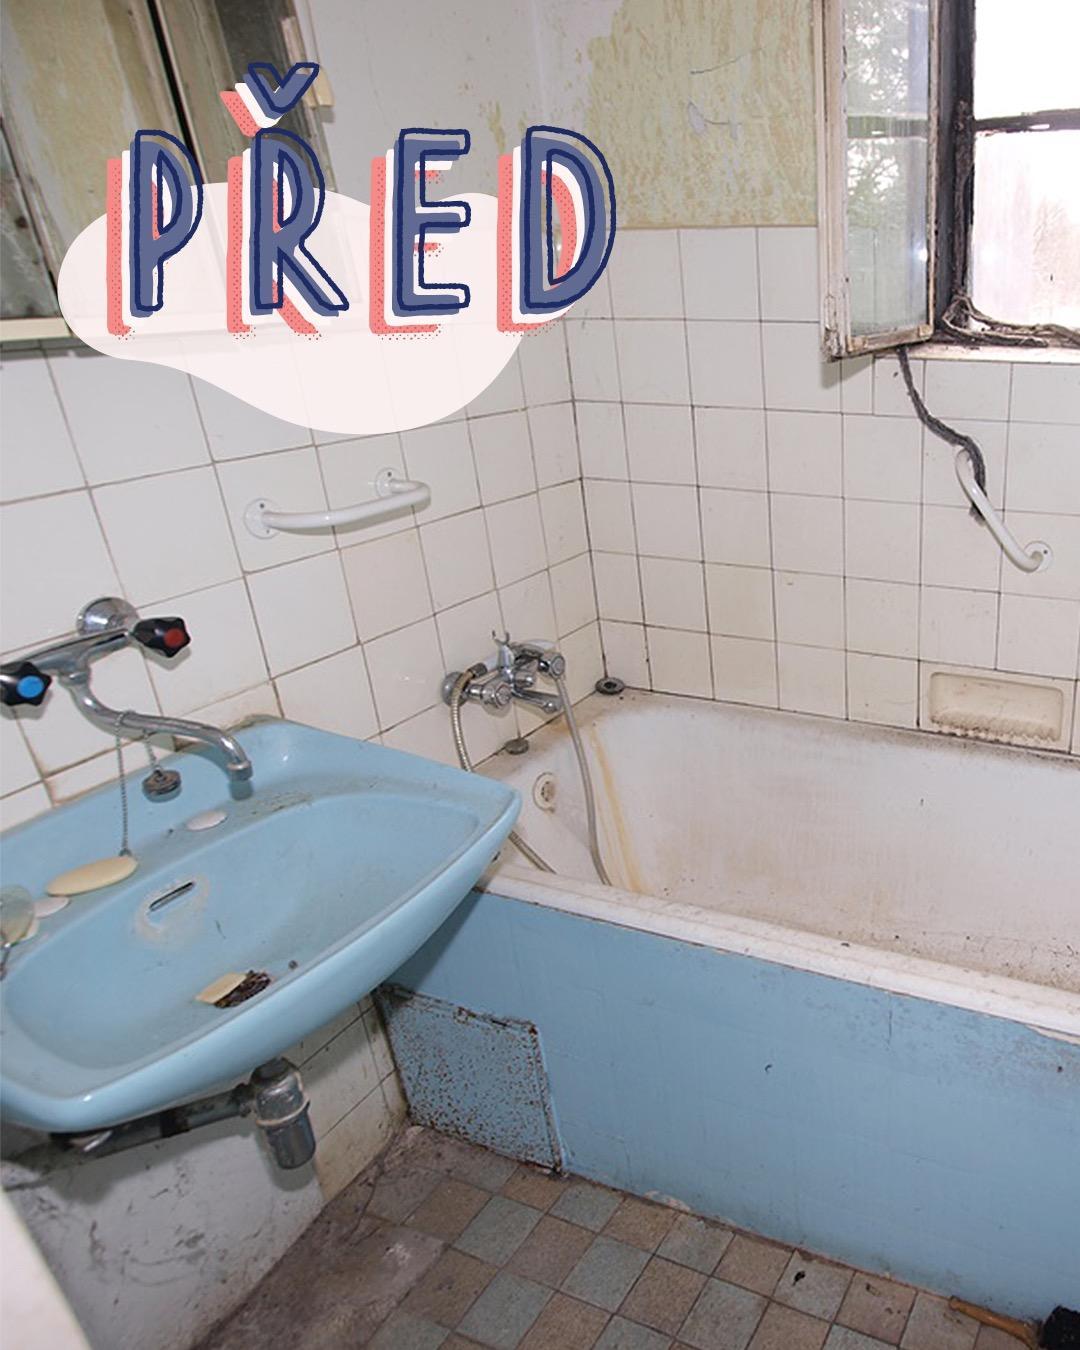 Koupelna PŘED & PO Tak tahle proměna koupelny nás dostala do kolen 👏 Petra ji navíc se svou rodinou zvládla svépomocí. Smekáme!  Na 🛁 https://biano.link/koupelna-pred-a-po najdete další tipy a inspirace, jak na koupelnu v podobném, venkovském stylu. - Obrázek č. 1